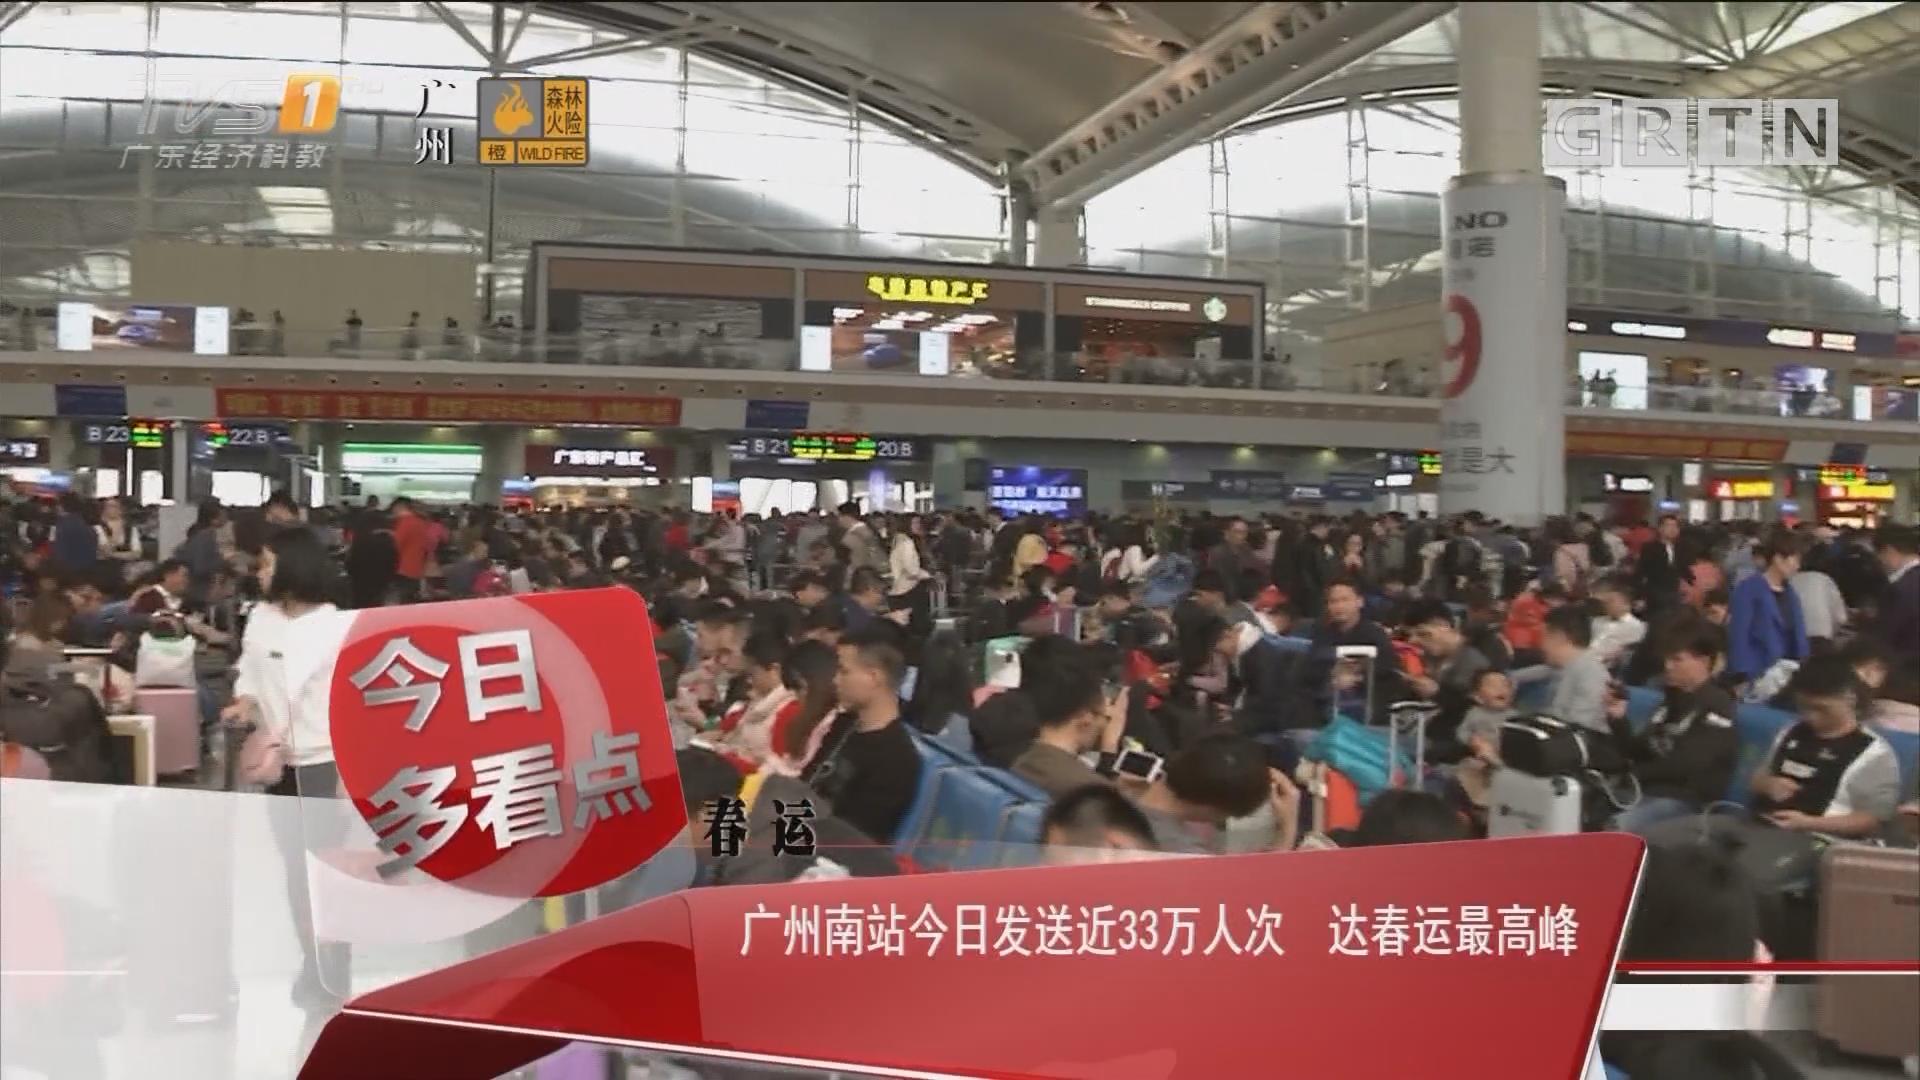 春运:广州南站今日发送近33万人次 达春运最高峰